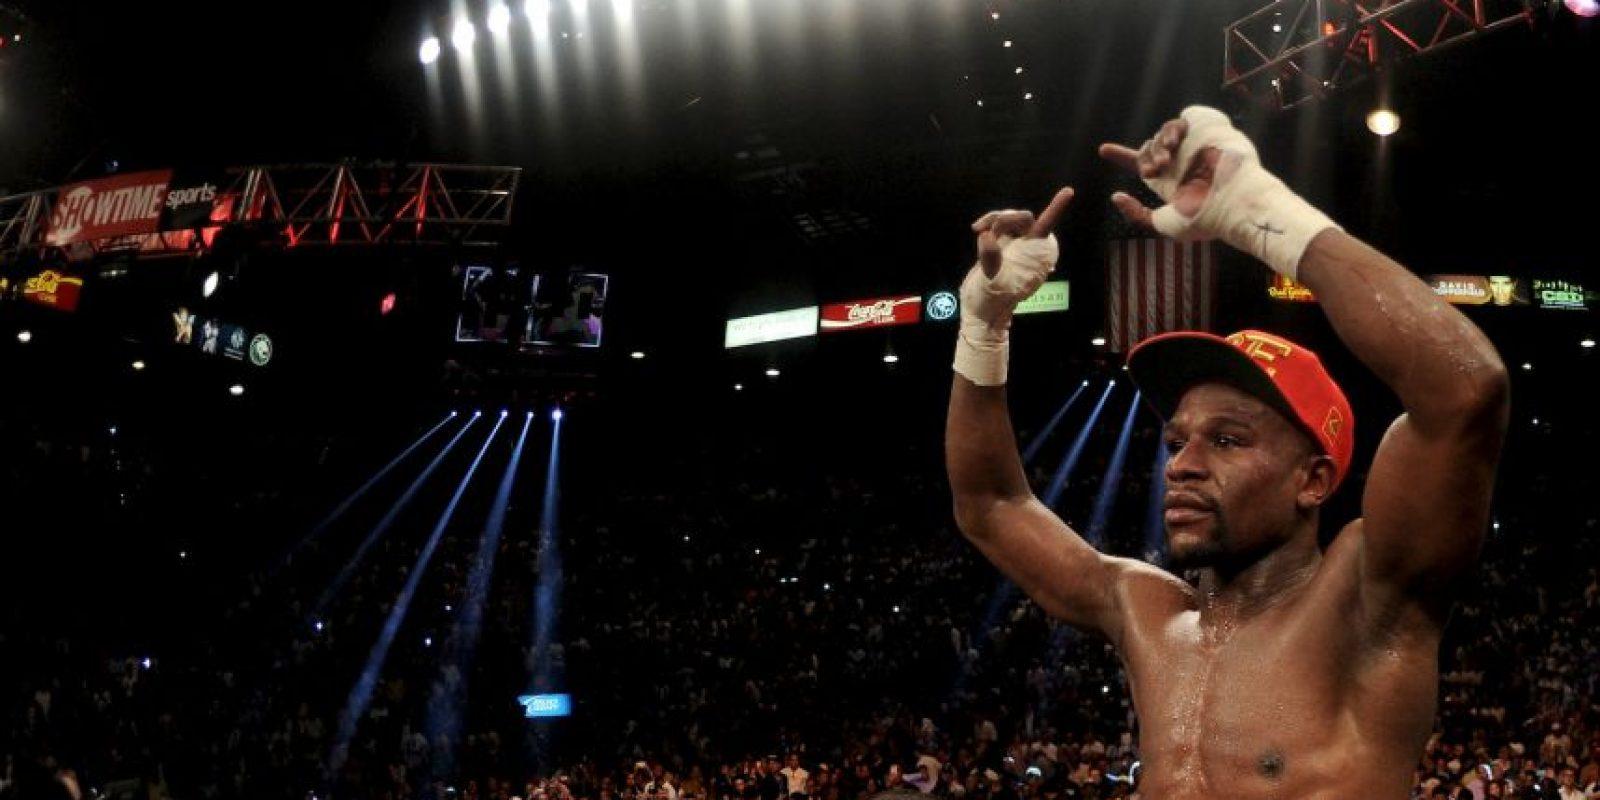 De estos, 120 millones serían para Mayweather y 80 para Pacquiao, aunque podrían ser más de acuerdo con el éxito de ventas de la pelea. Foto:Getty Images